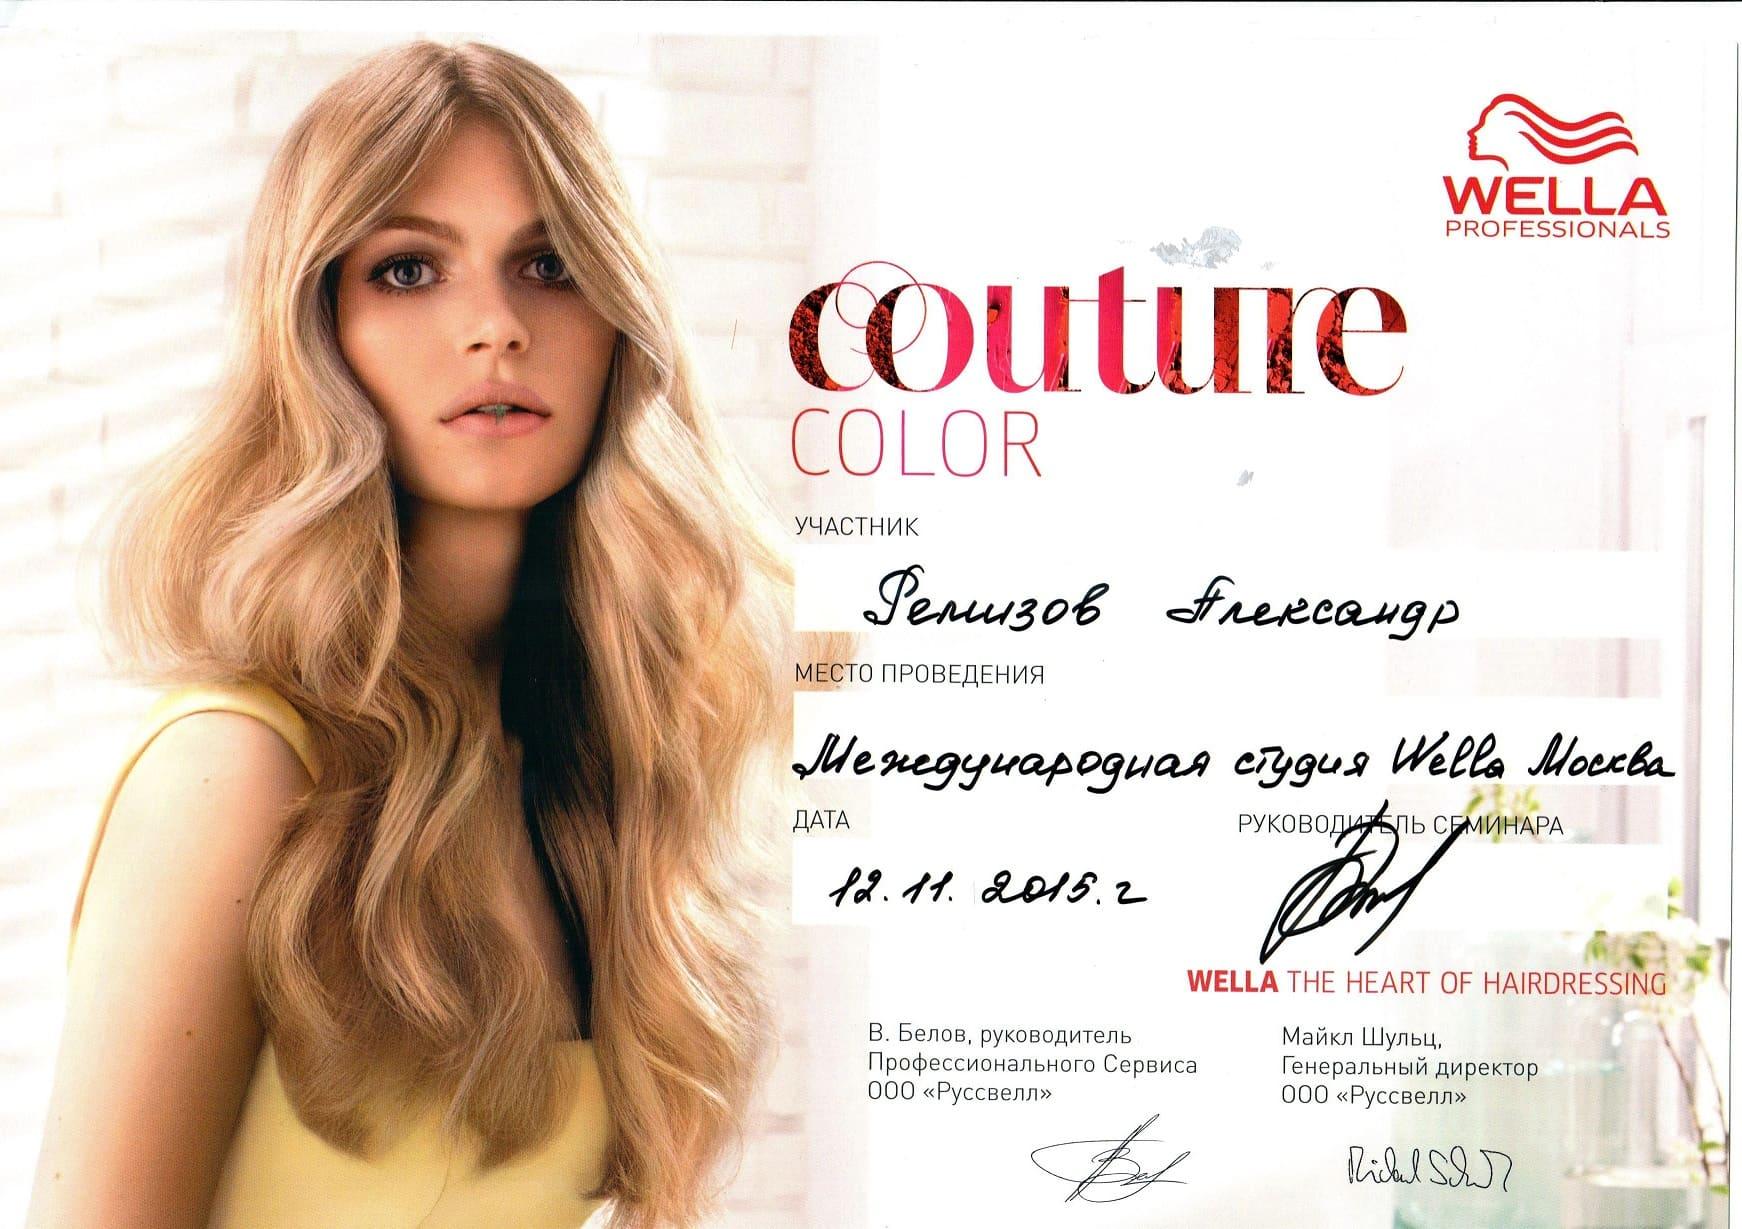 2015 couture color wella